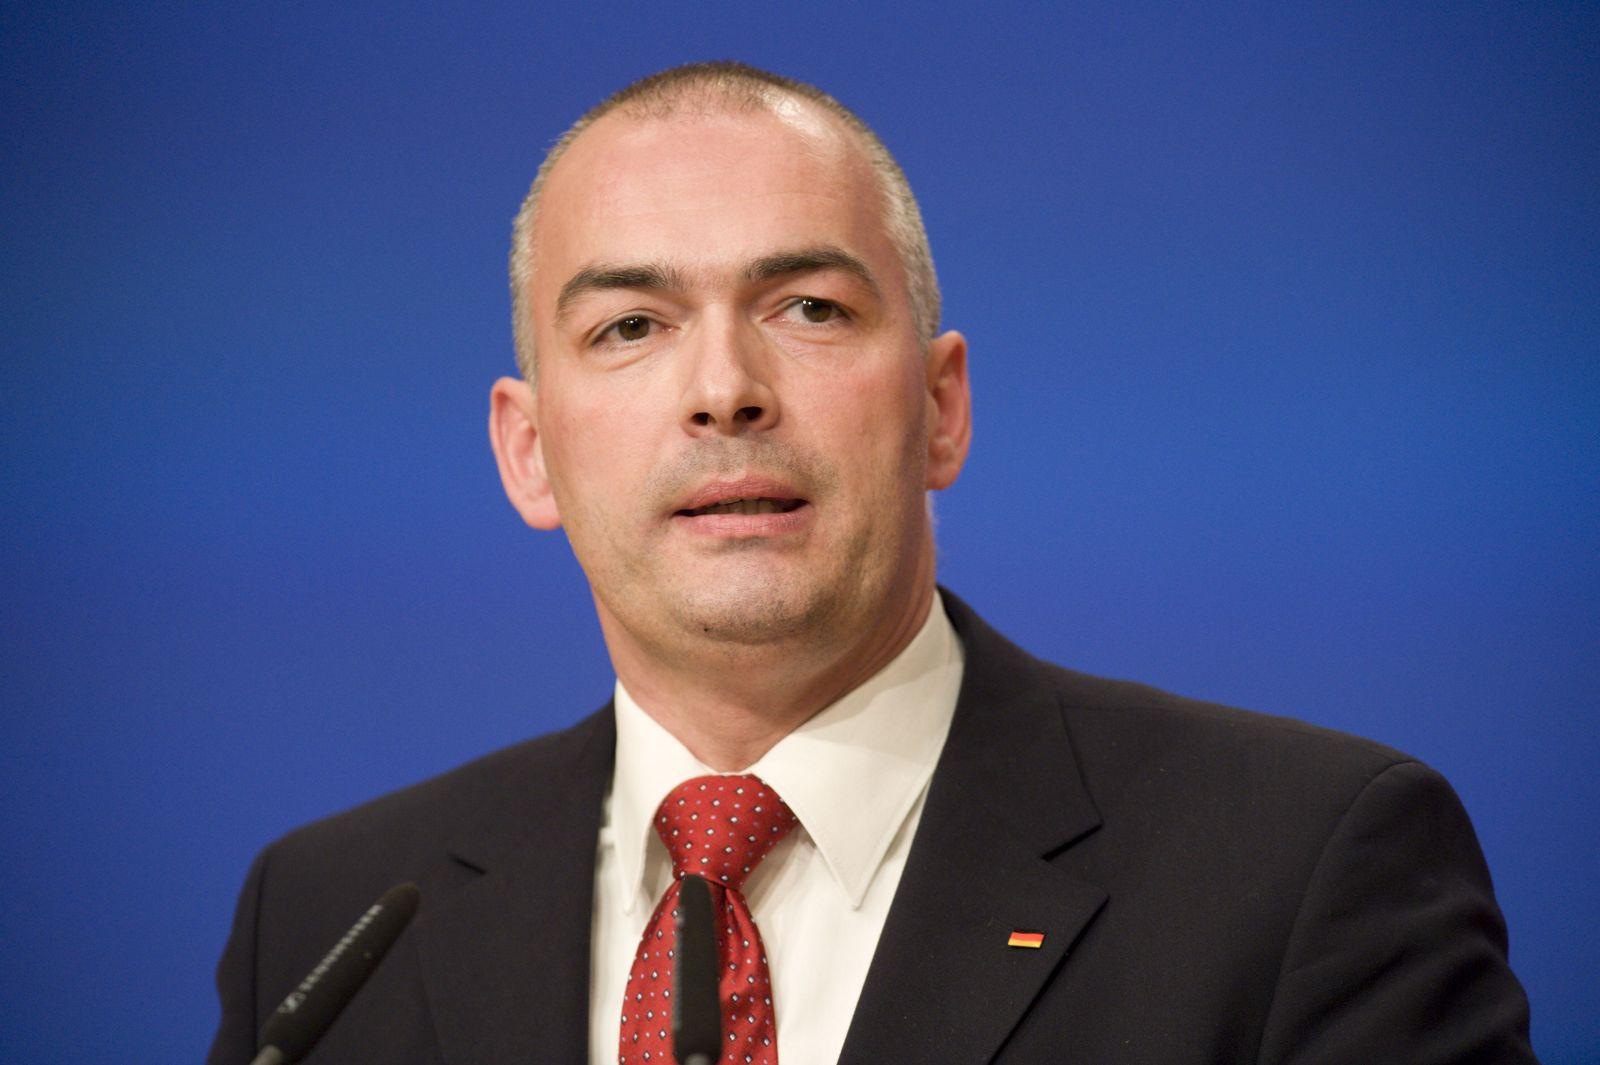 Axel E. Fischer